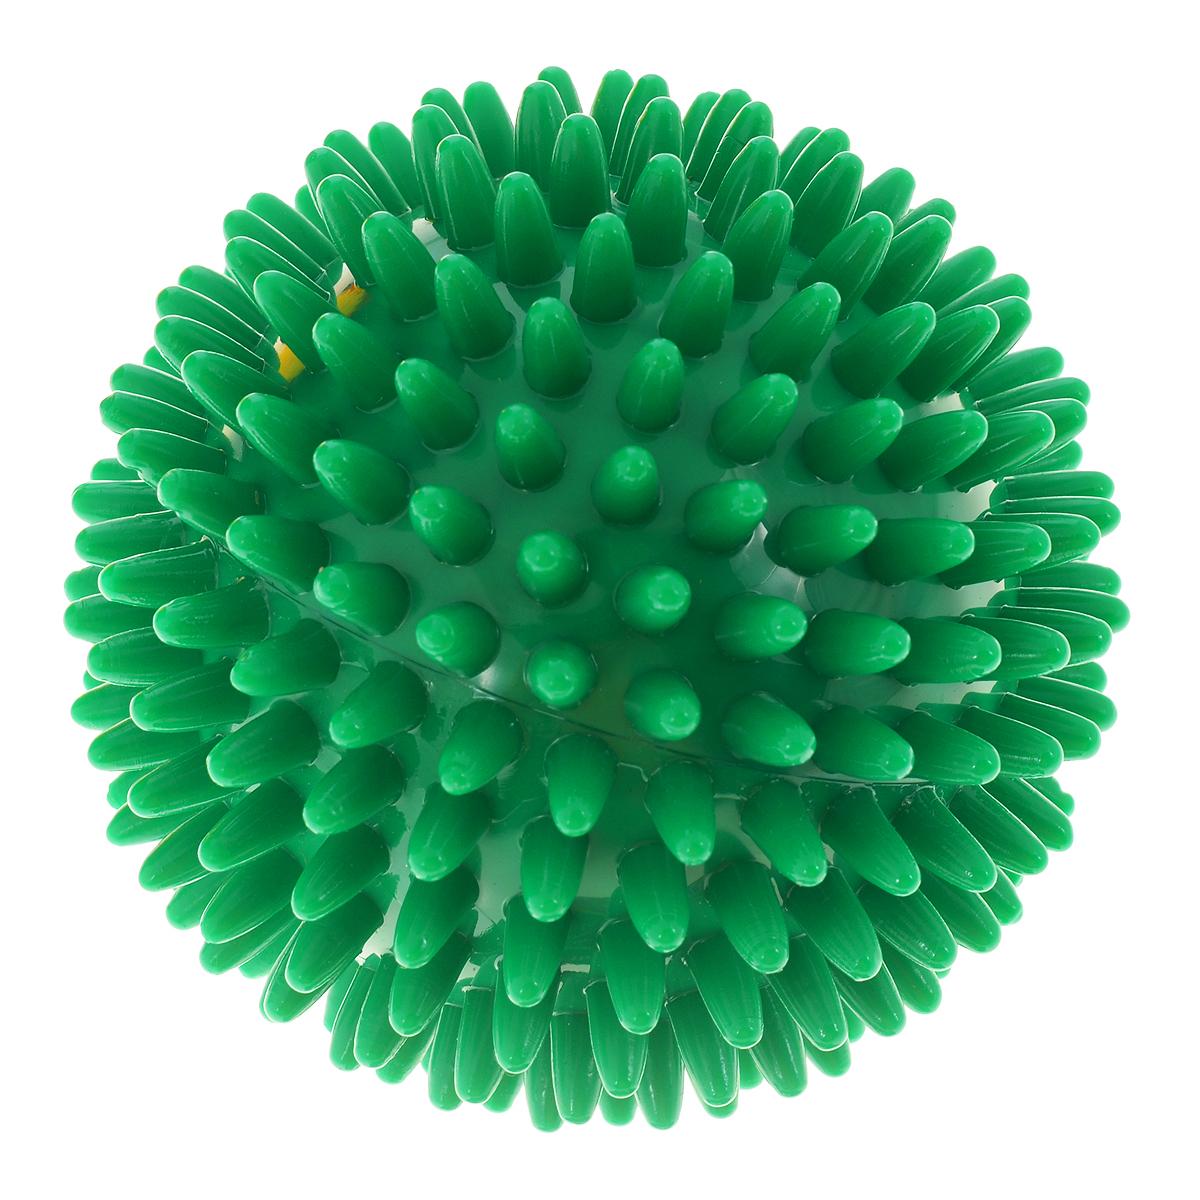 Игрушка для собак V.I.Pet Массажный мяч, цвет: зеленый, диаметр 10 смBL11-015-100Игрушка для собак V.I.Pet Массажный мяч, изготовленная из ПВХ, предназначена для массажа и самомассажа рефлексогенных зон. Она имеет мягкие закругленные массажные шипы, эффективно массирующие и не травмирующие кожу. Игрушка не позволит скучать вашему питомцу ни дома, ни на улице. Диаметр: 10 см.